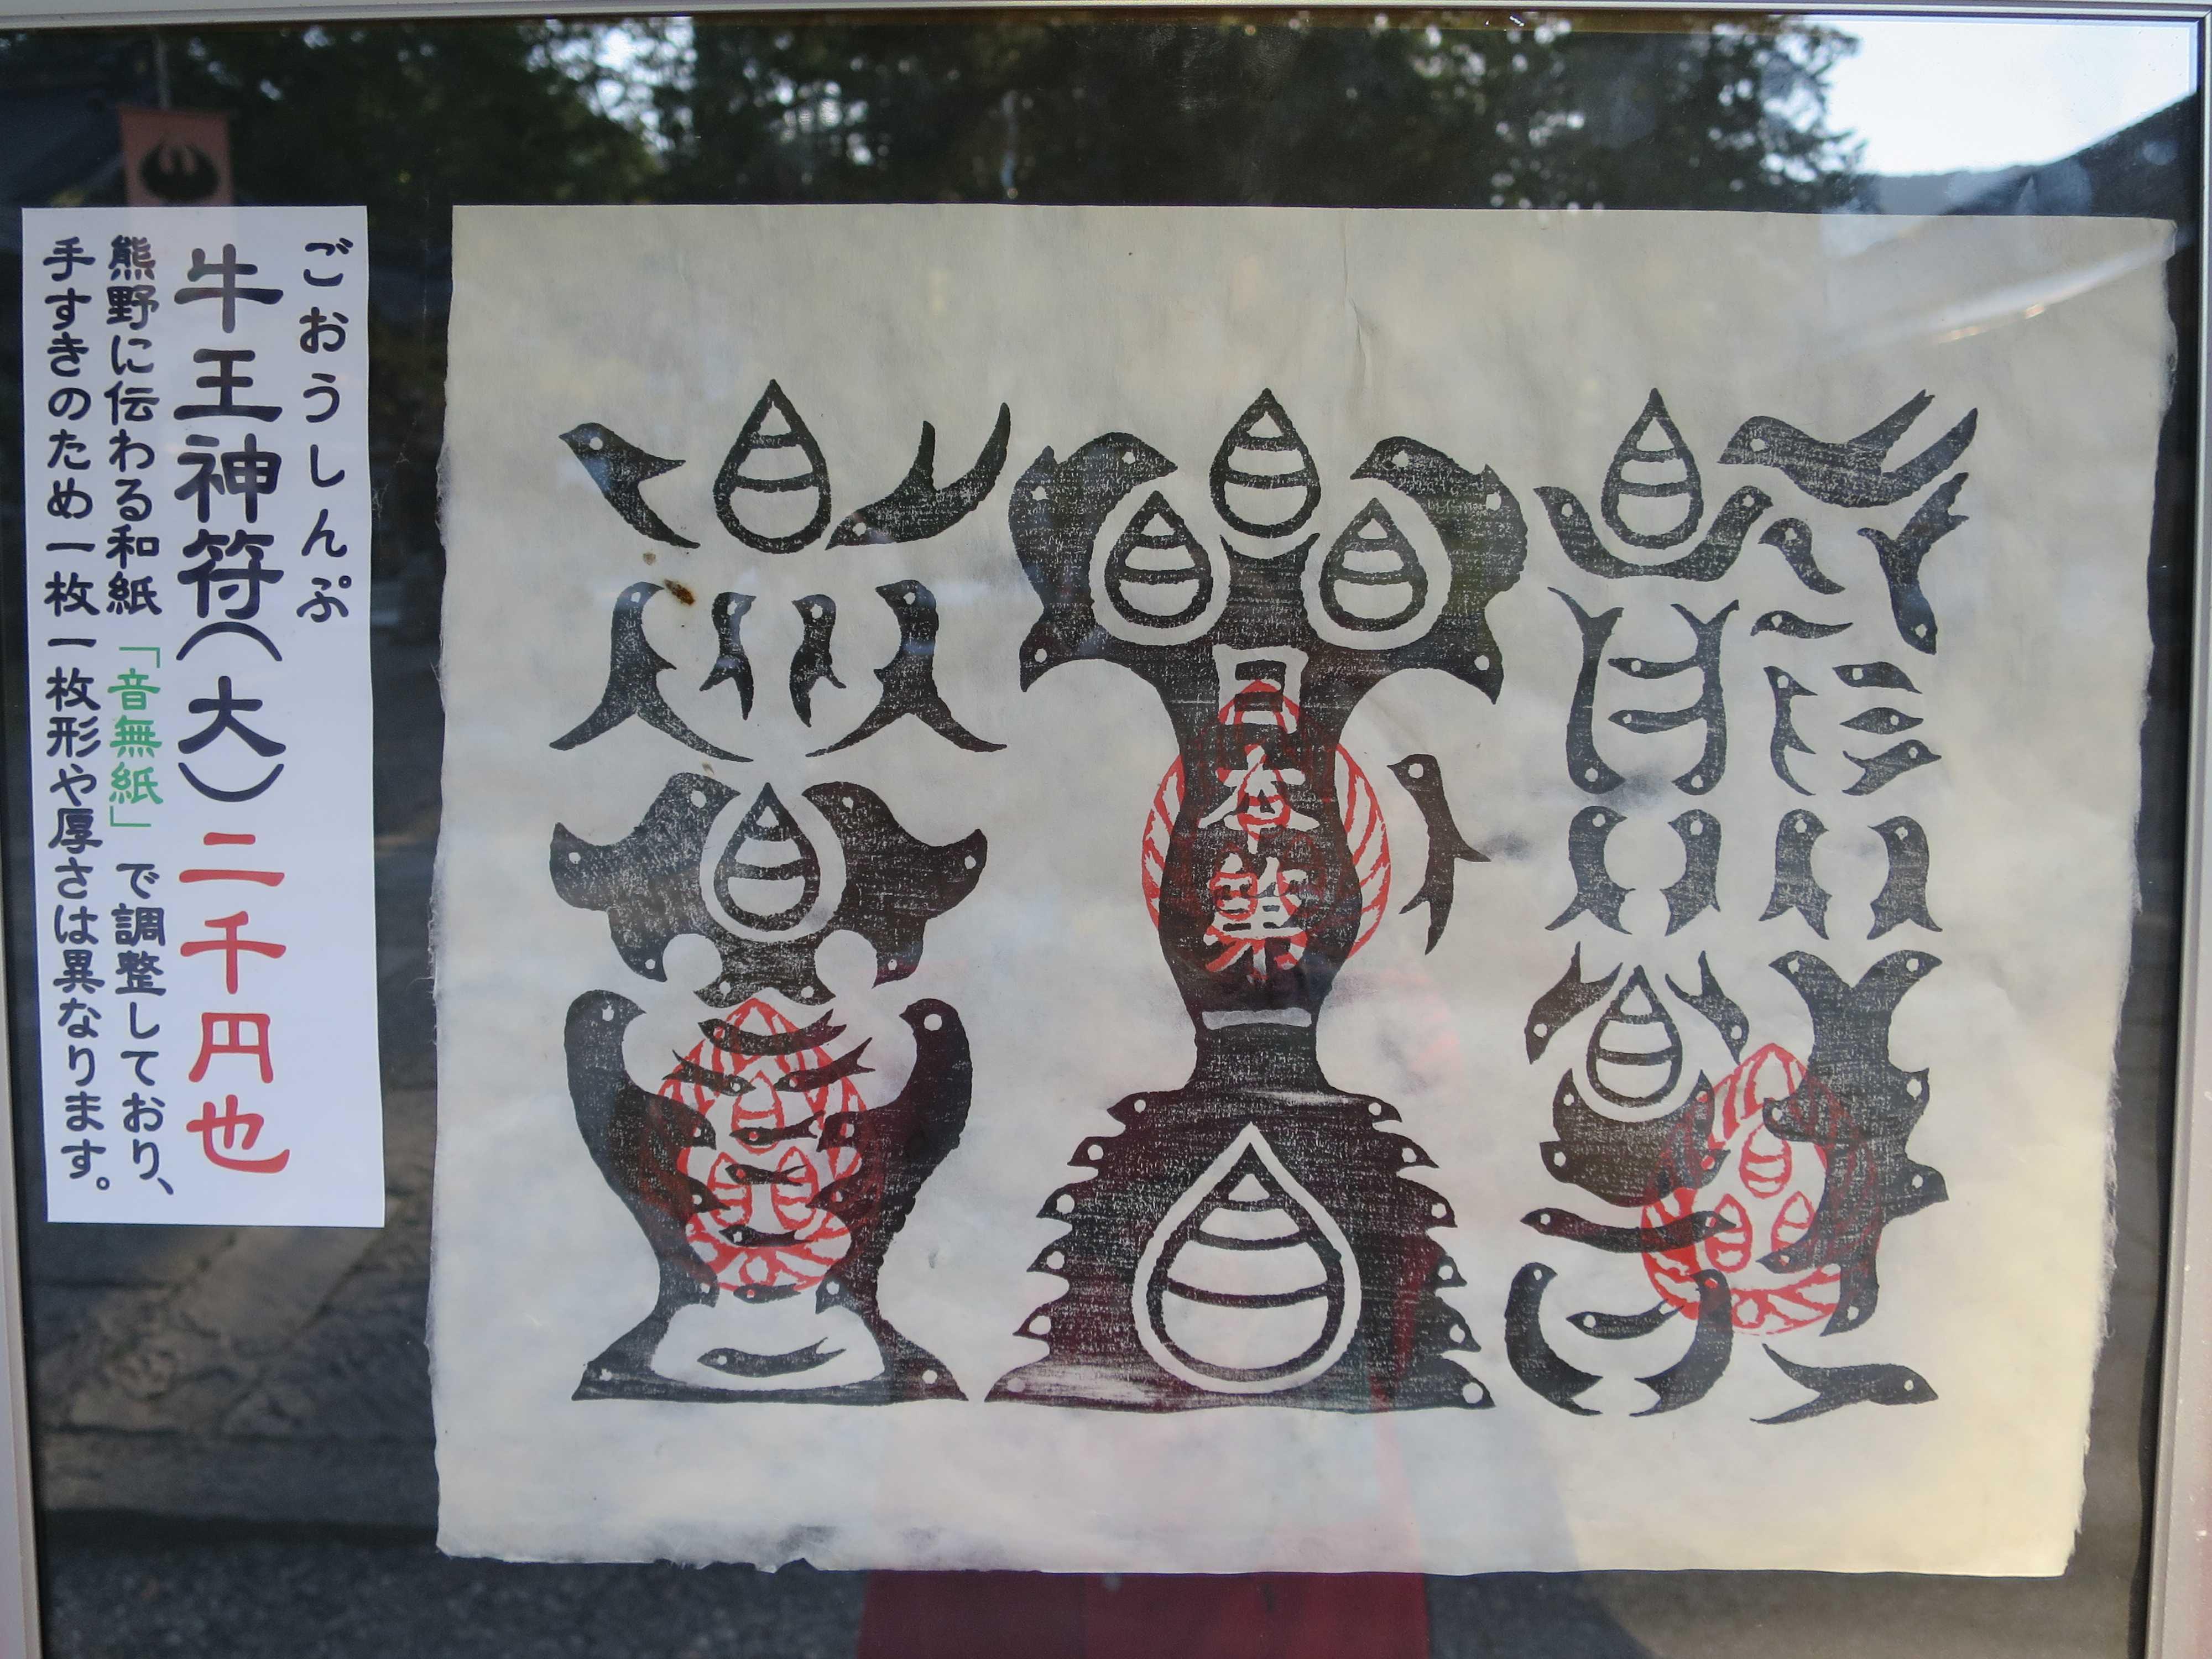 熊野牛王神符「オカラスさん」